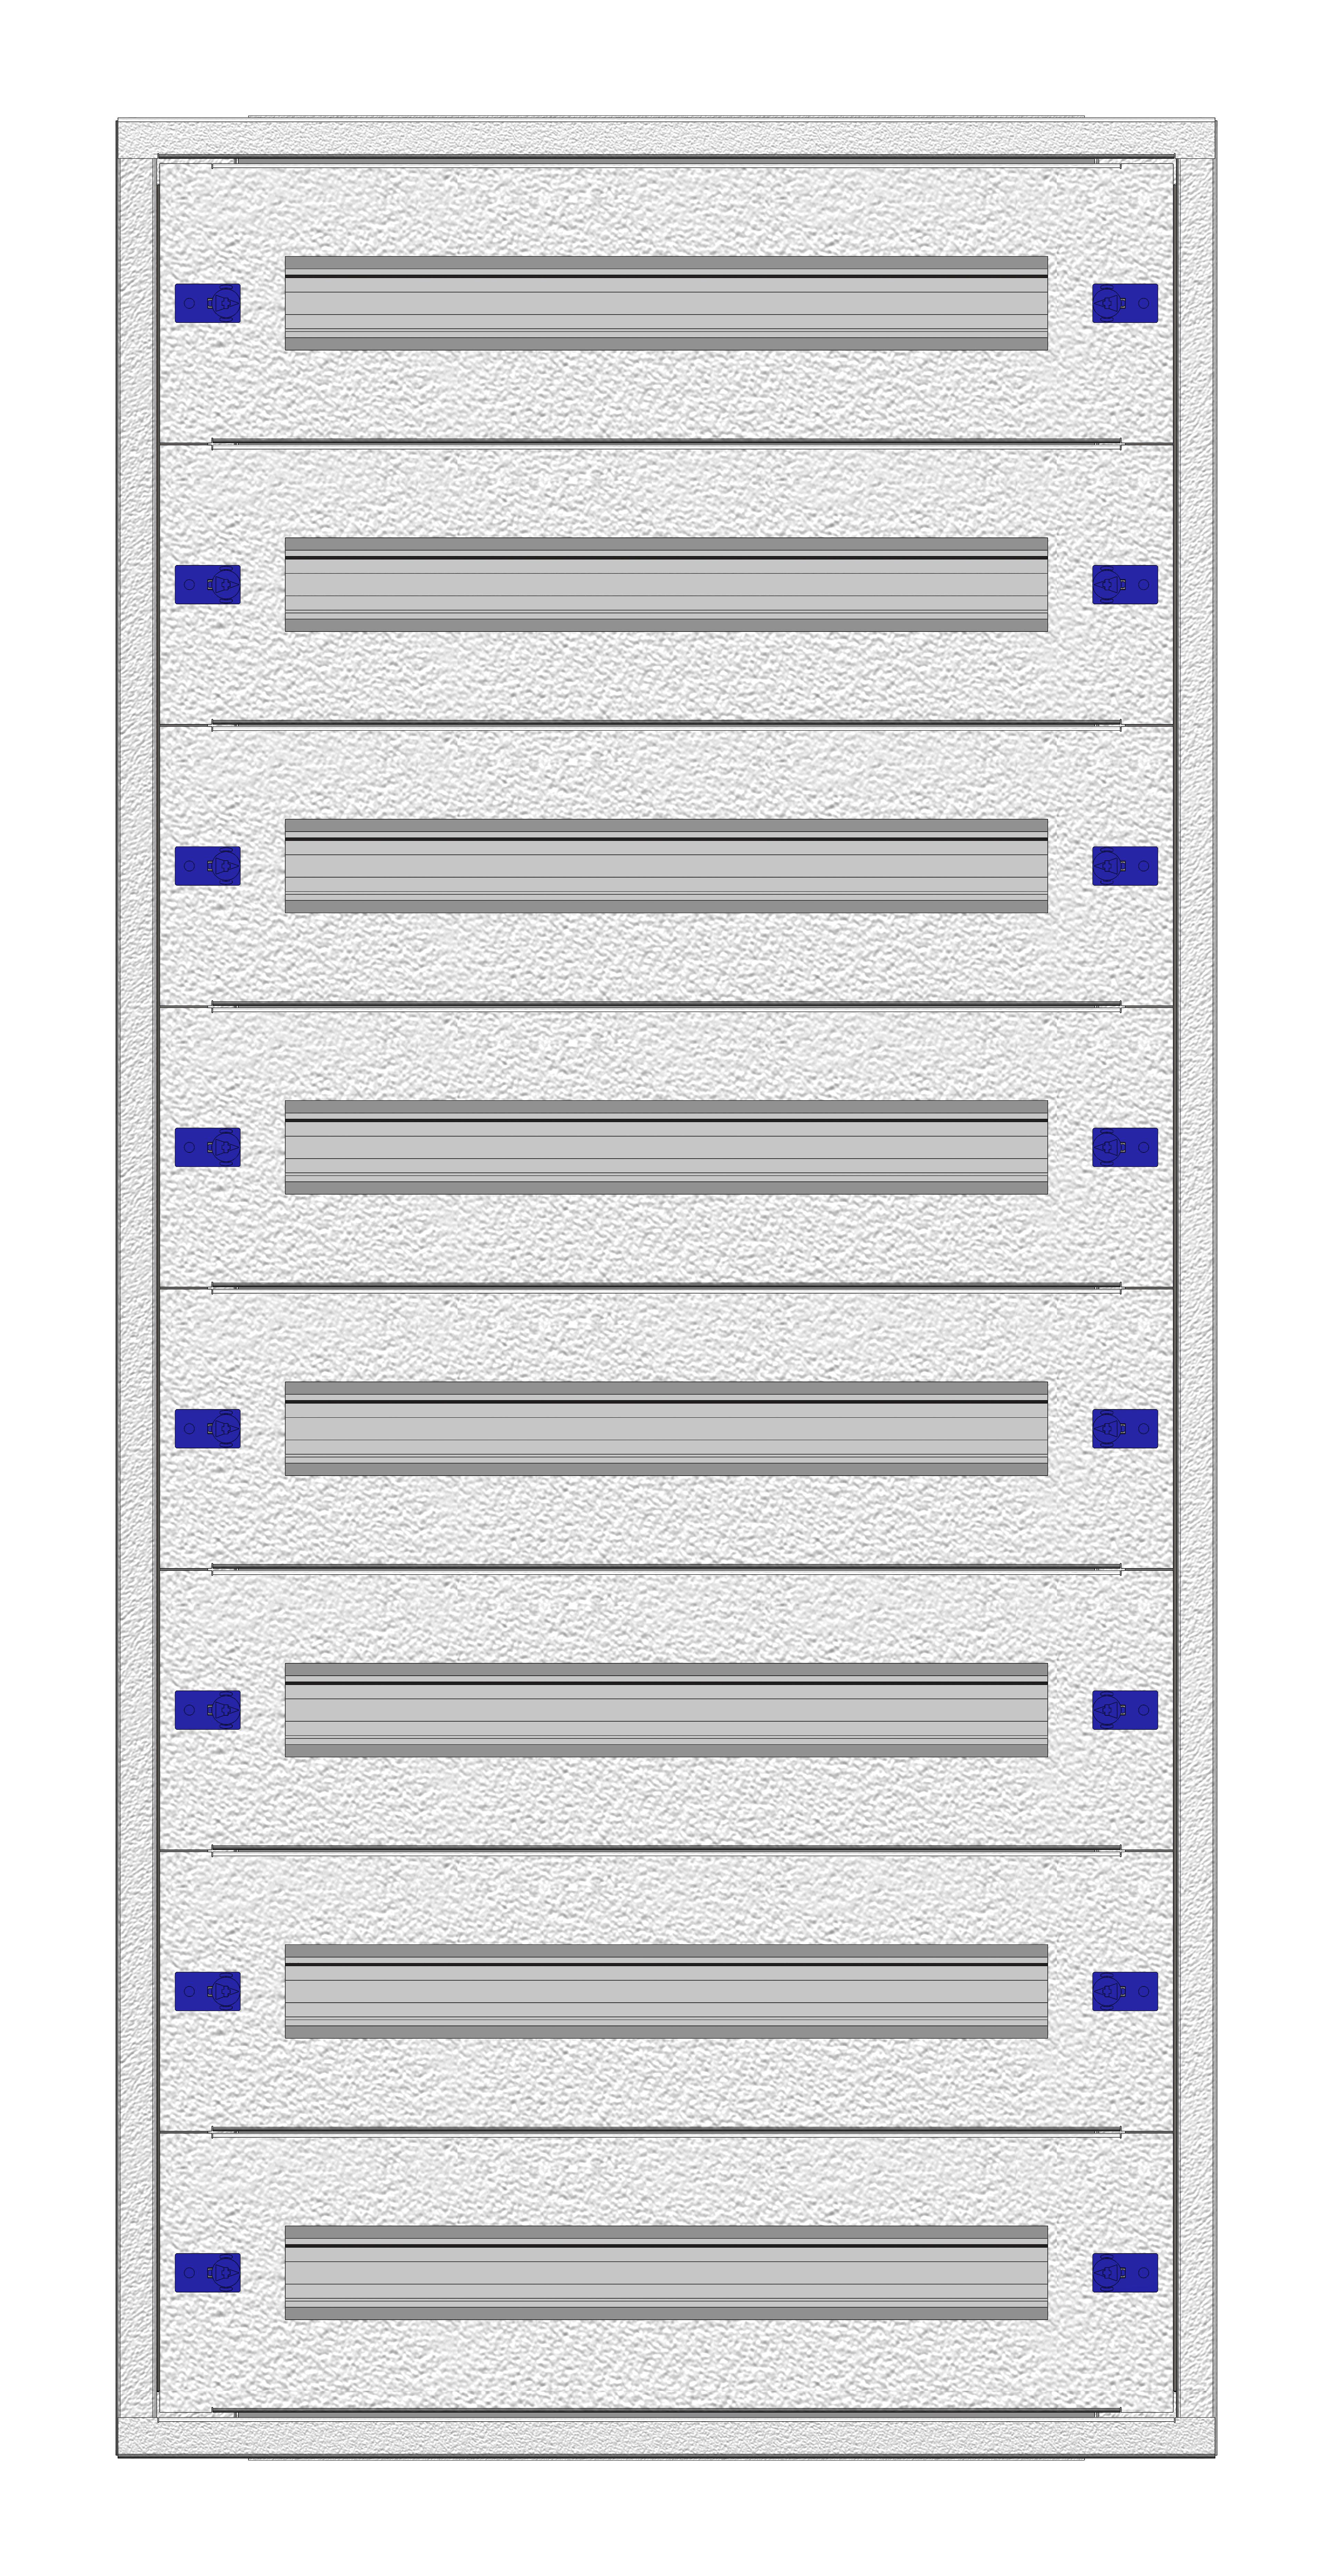 1 Stk Aufputz-Installationsverteiler 2A-24K, H1195B590T250mm IL172224AS